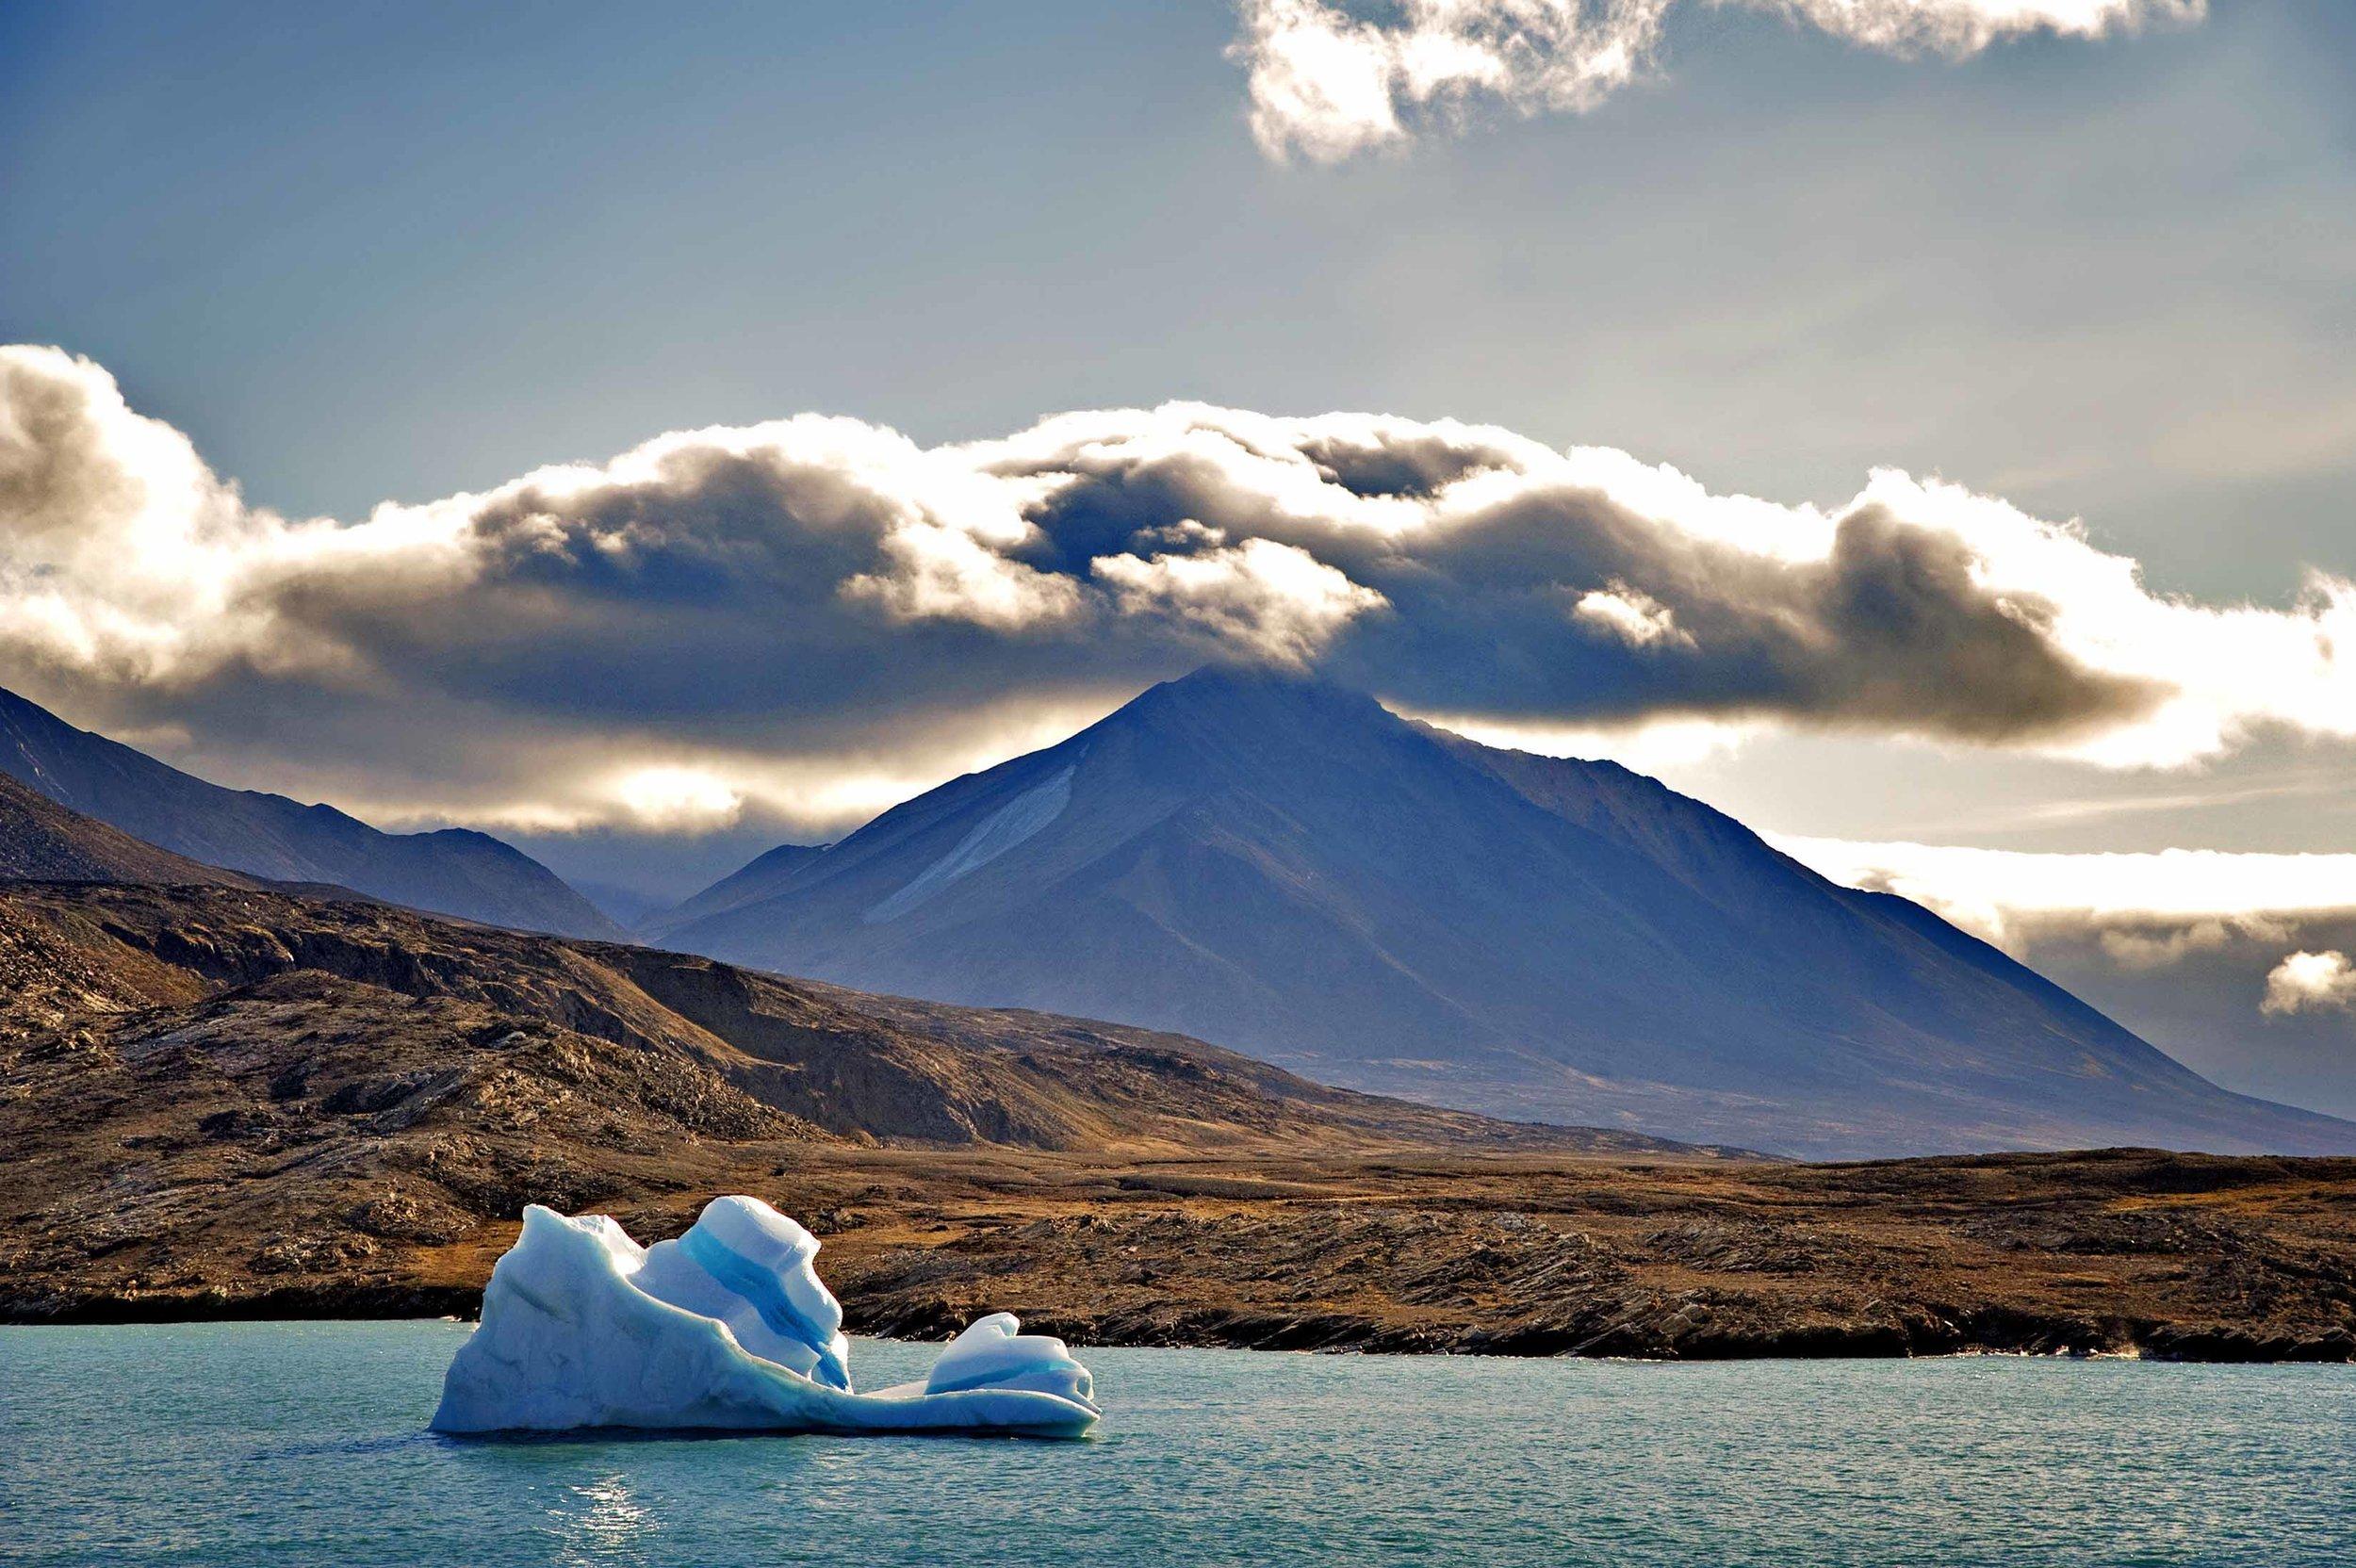 d'information - Notez à votre horaire que, du 15 au 18 avril 2019, vous participerez à l'événement: L'esprit de l'Arctique: le sommet du tourisme 2019 , à Iqaluit, Nunavut!